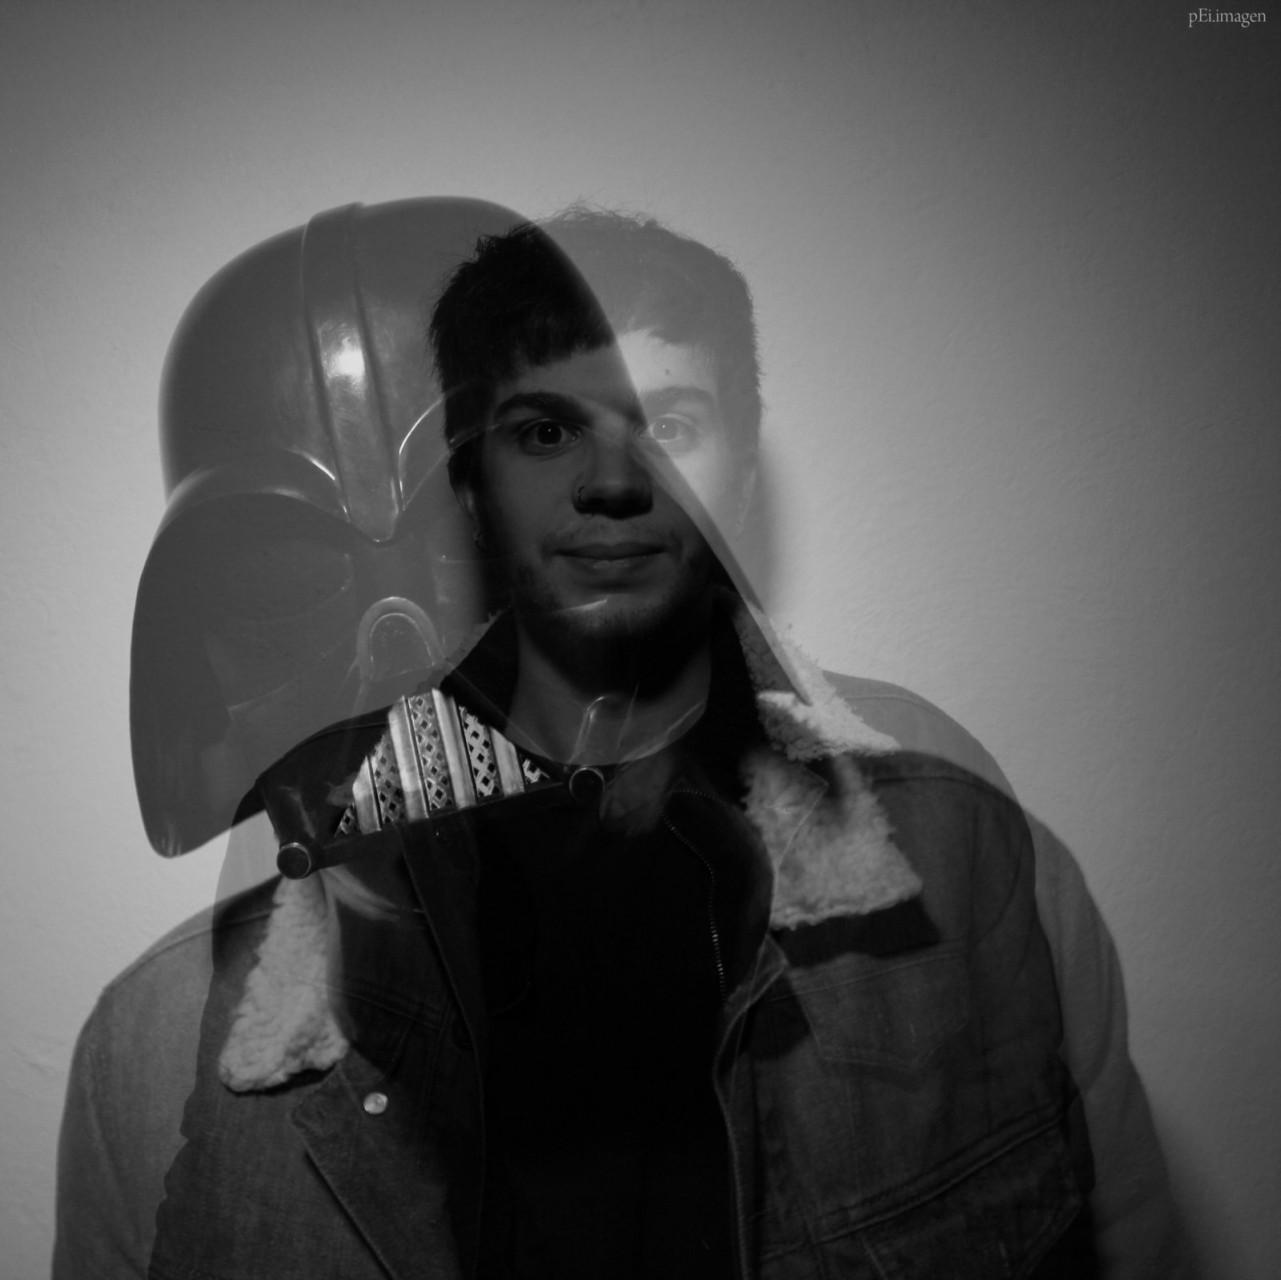 peipegata me myself I proyectos fotografia peipegatafotografia # 105 Andres Bermejo